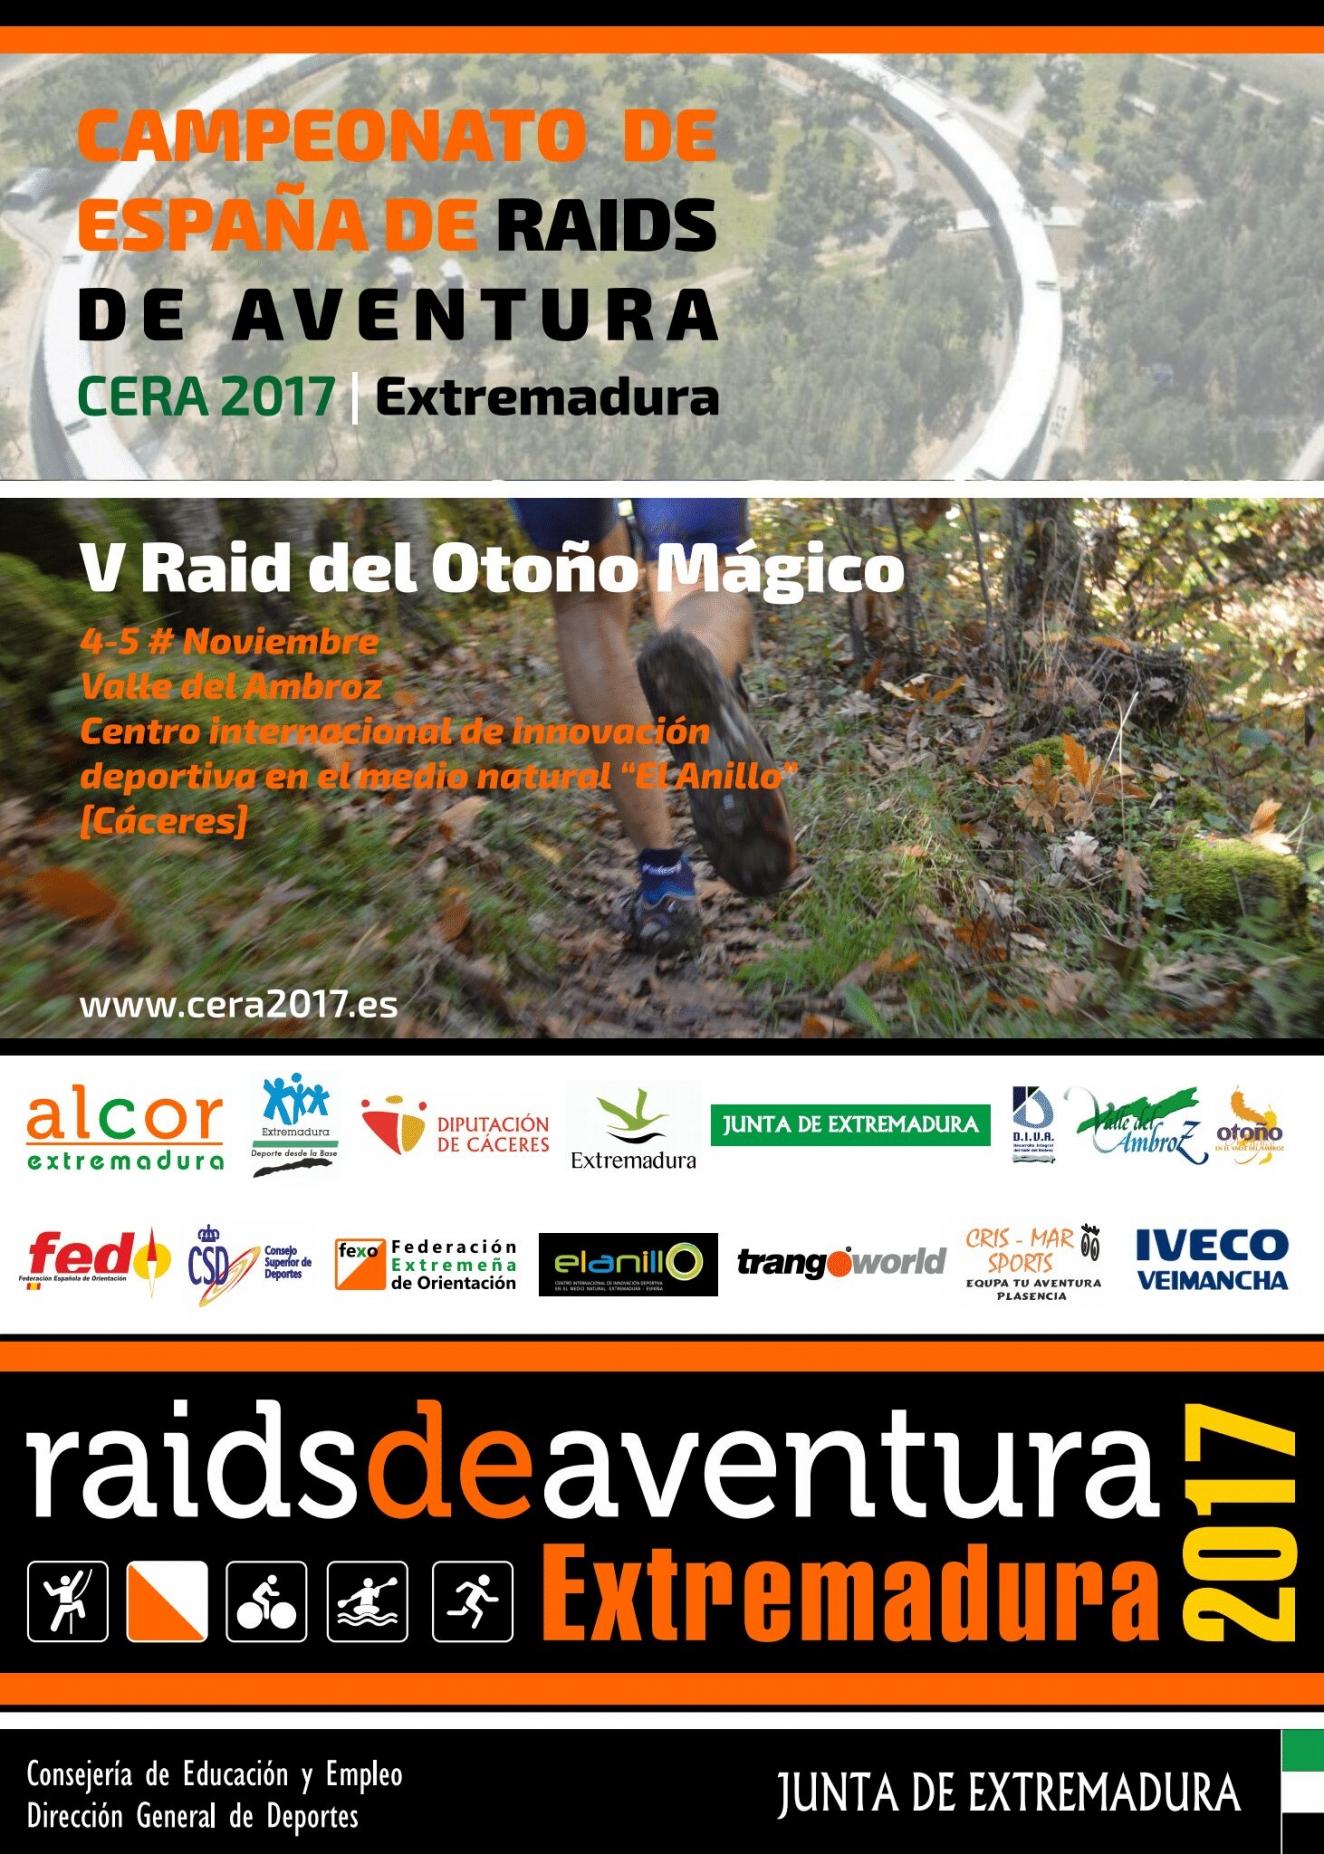 V RAID DE AVENTURA VALLE DEL AMBROZ // CAMPEONATO DE ESPAÑA